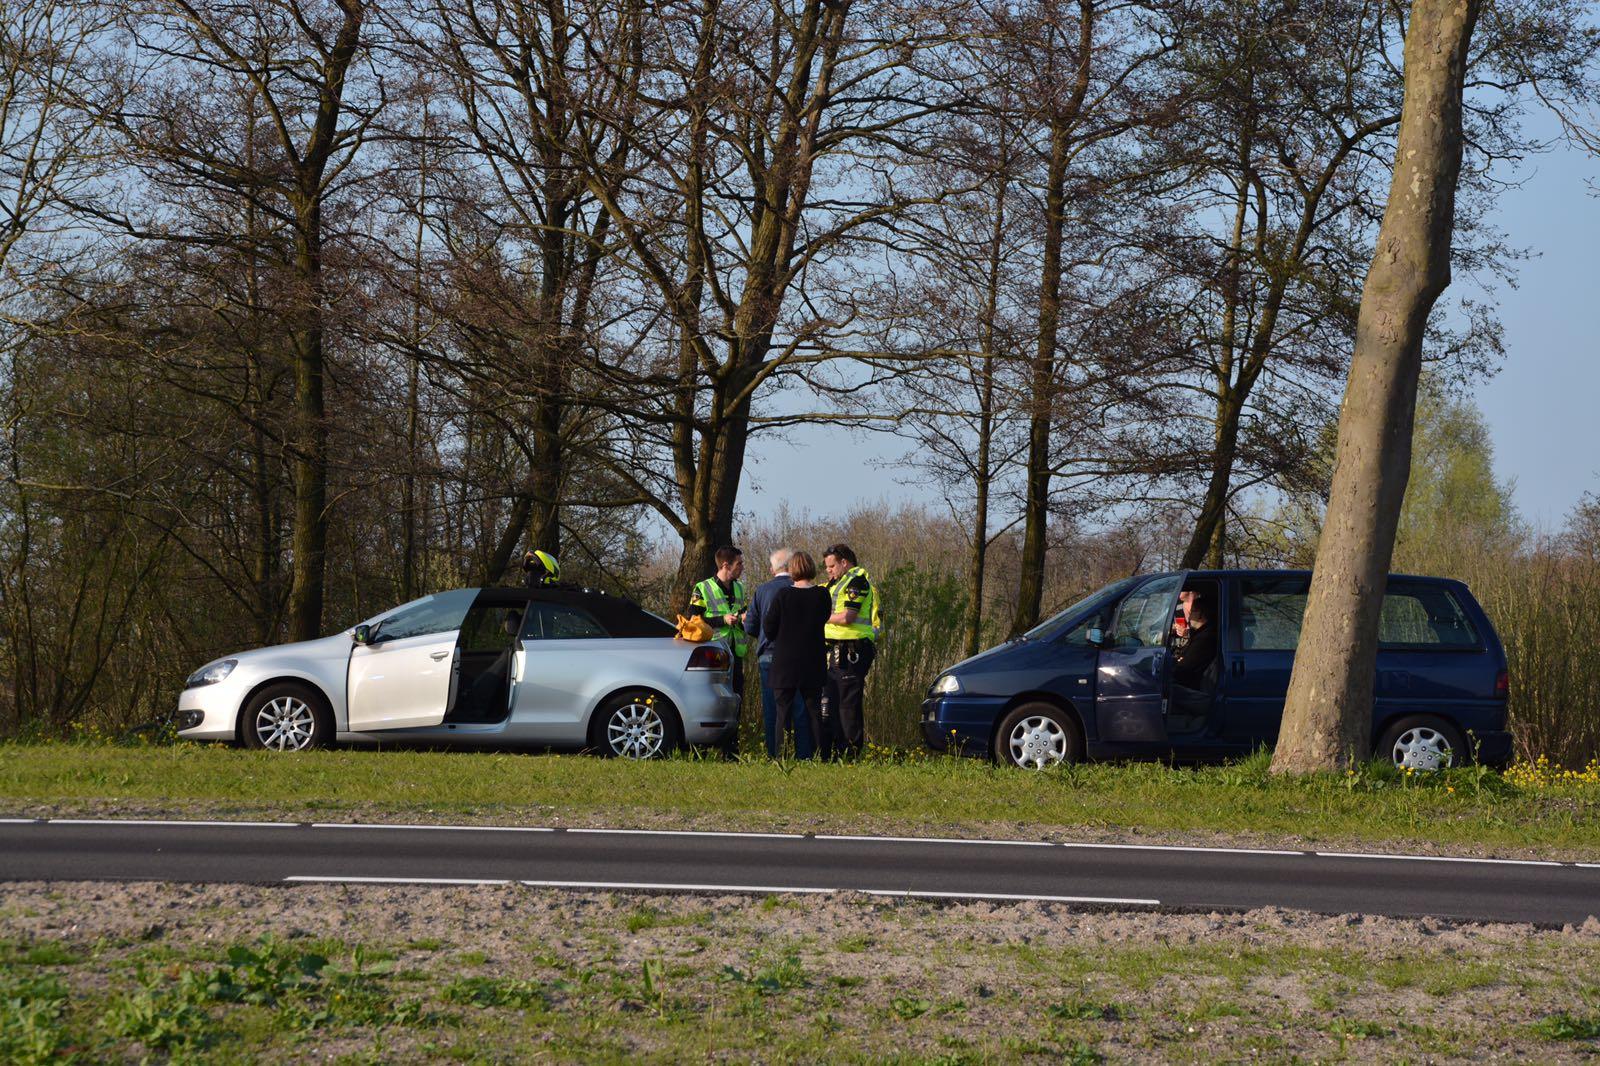 Eend overleden na aanrijding tussen 3 voertuigen